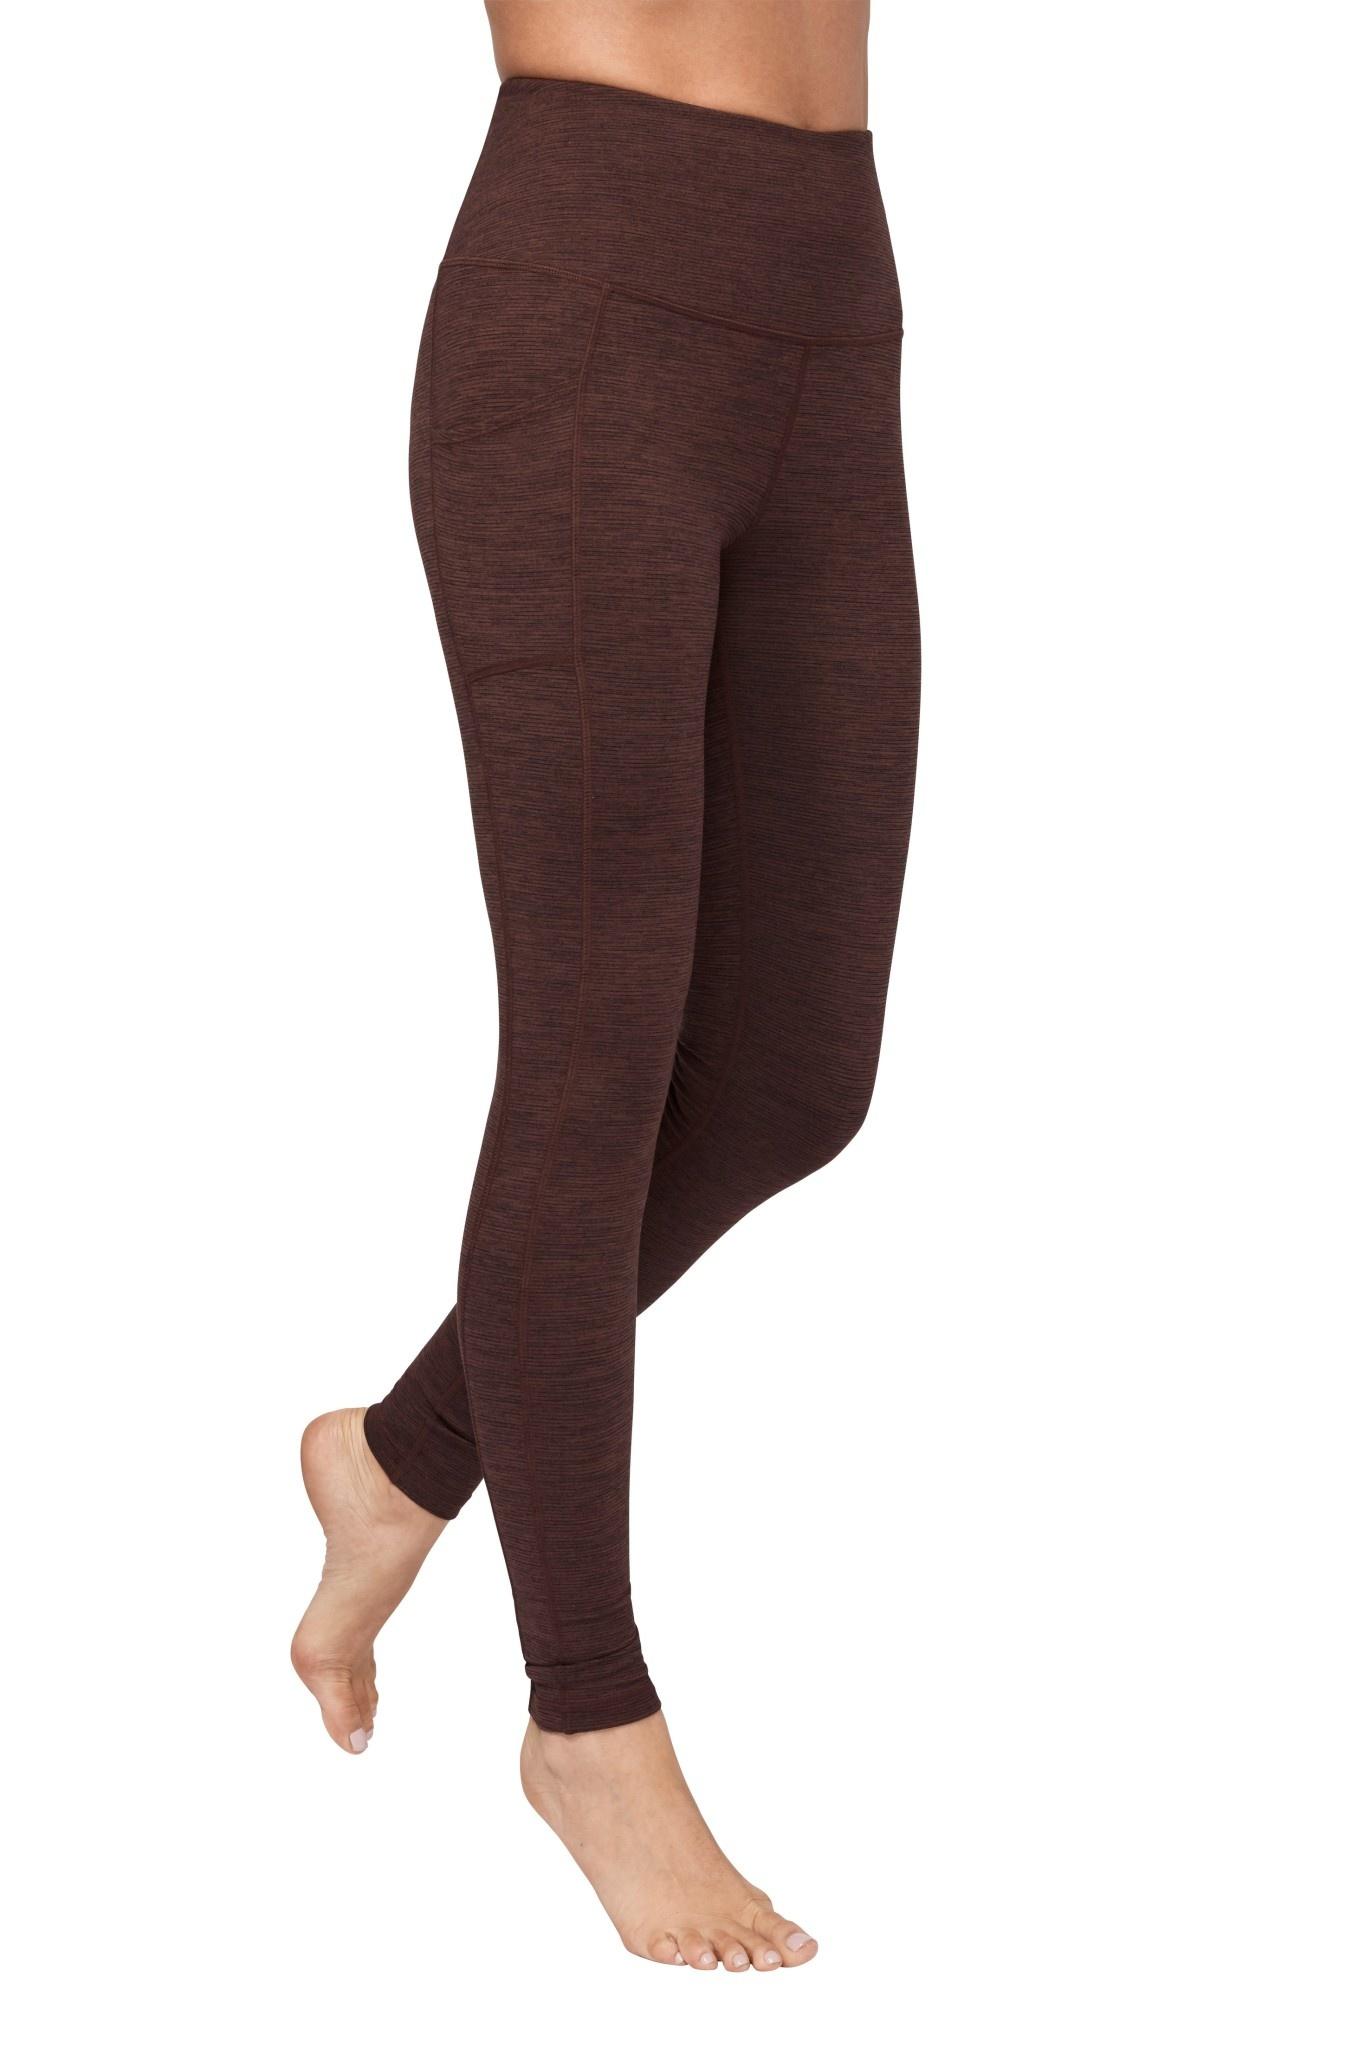 316074301ccb16 Manduka Essential Pocket Legging - Heather Fig - Yogisha Amsterdam